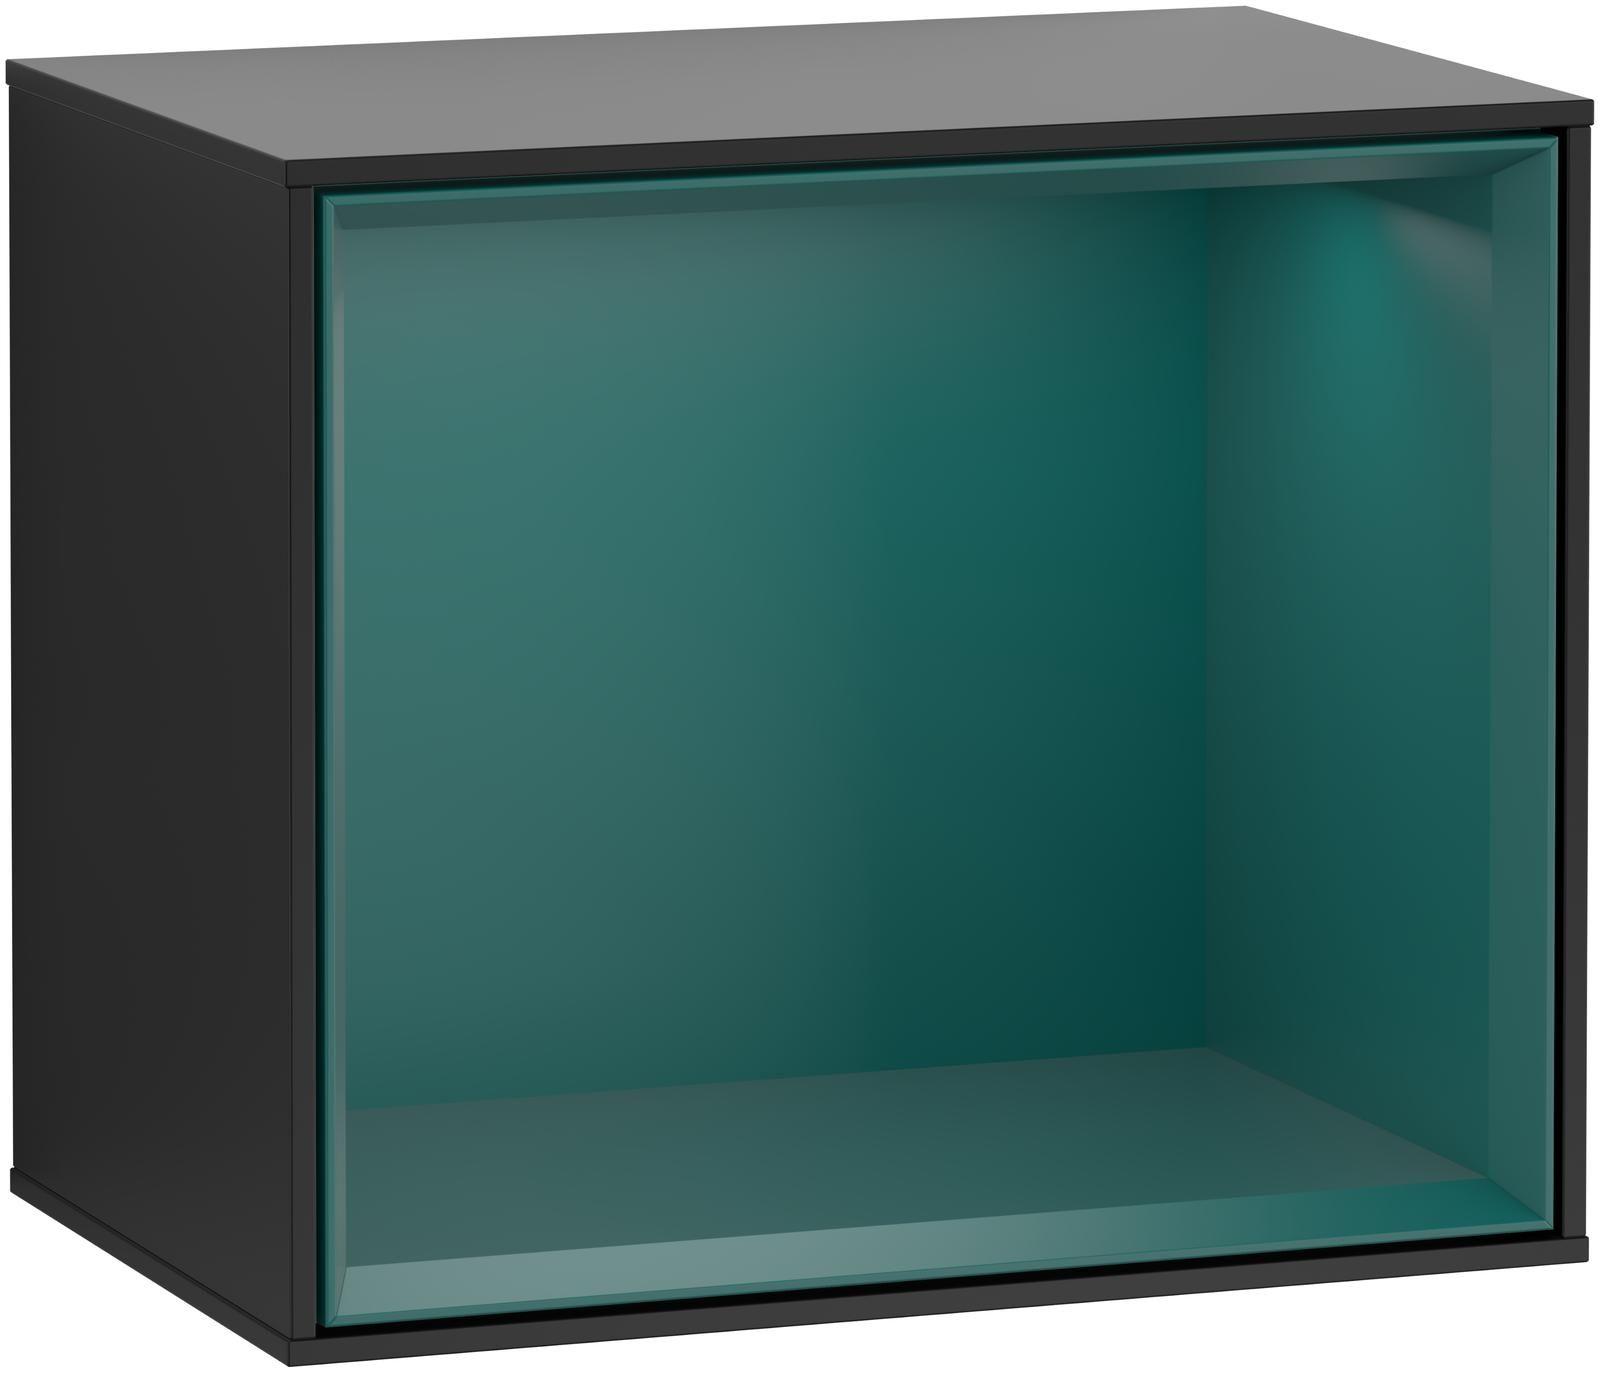 Villeroy & Boch Finion G58 Regalmodul LED-Beleuchtung B:41,8xH:35,6xT:27cm Front, Korpus: Black Matt Lacquer, Regal: Cedar G580GSPD